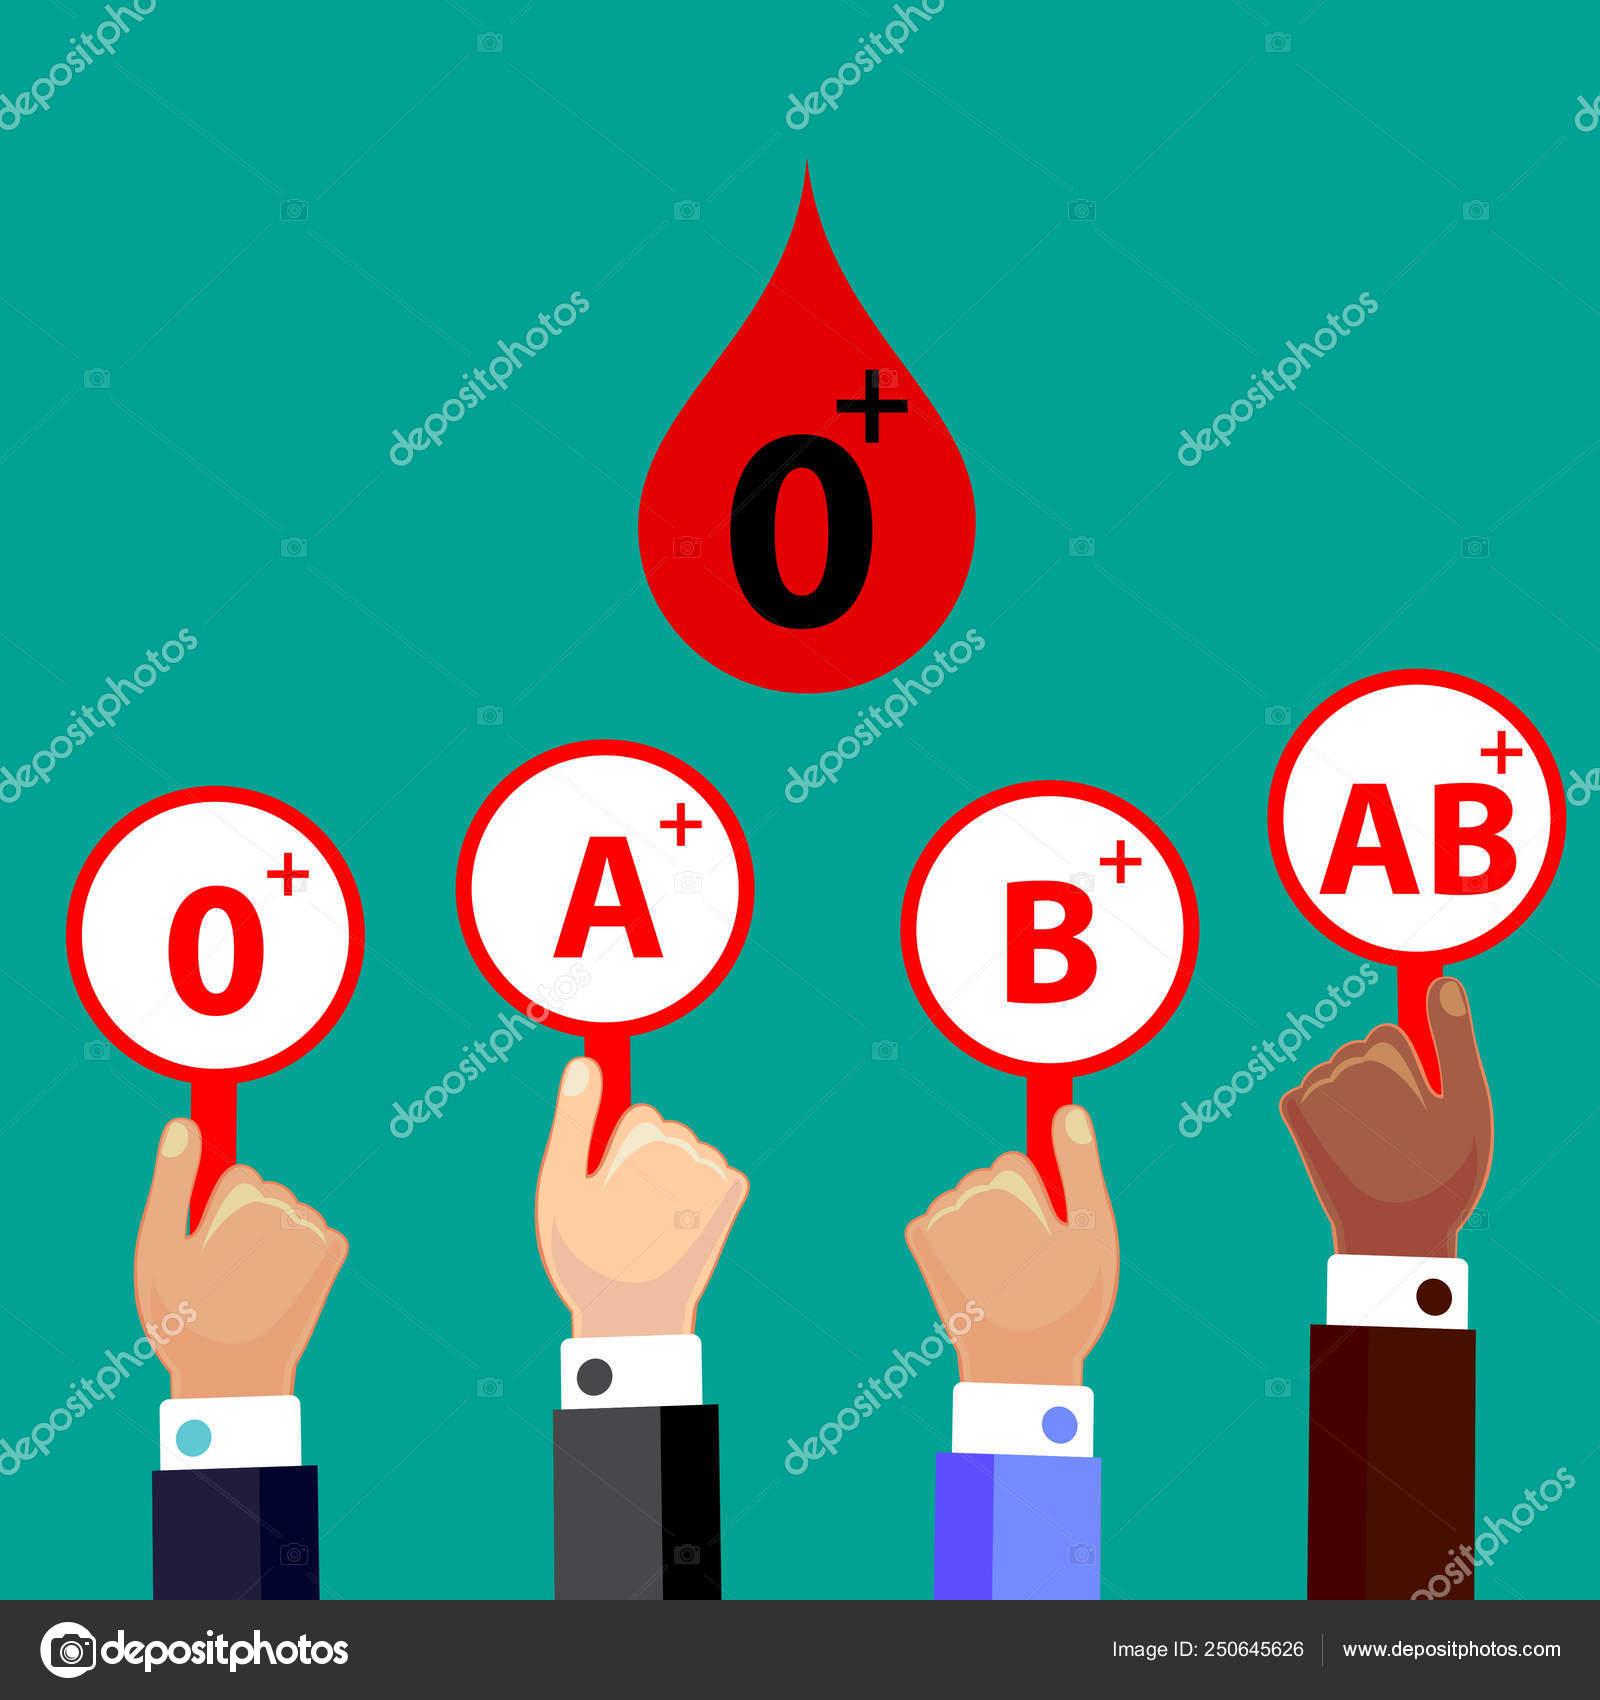 la sangre o positivo es compatible con ab positivo